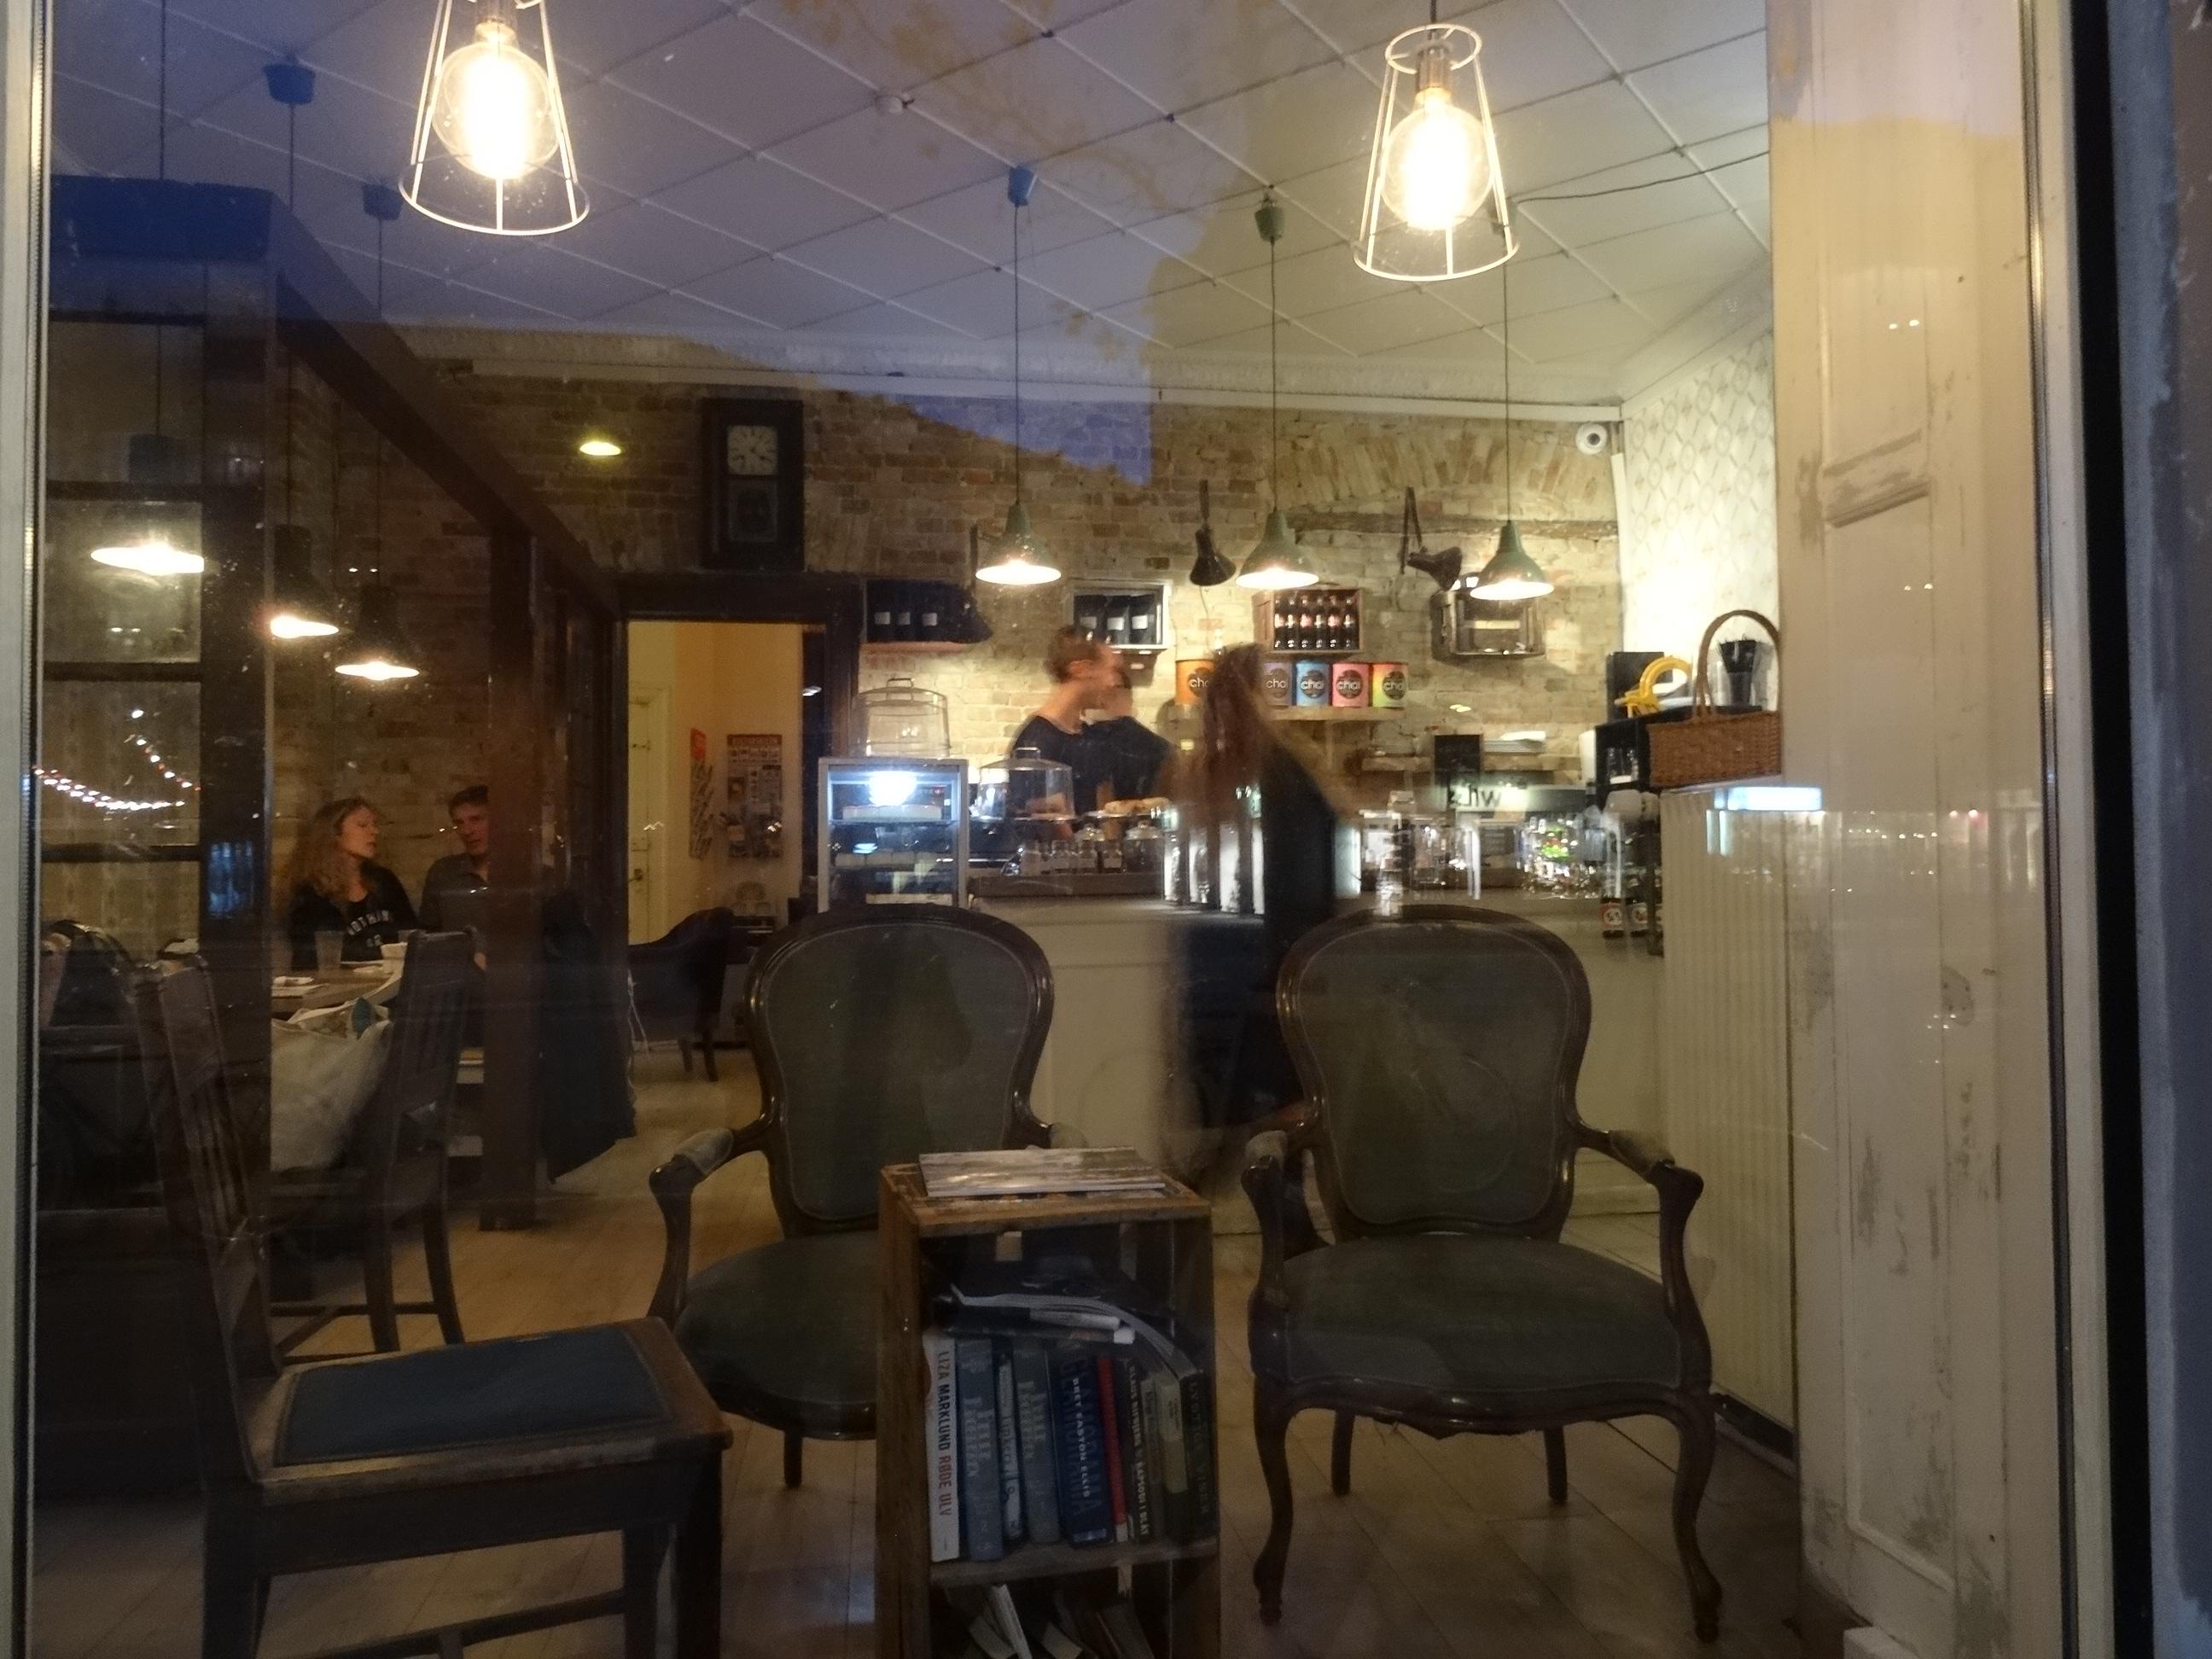 cafe østerbrogade